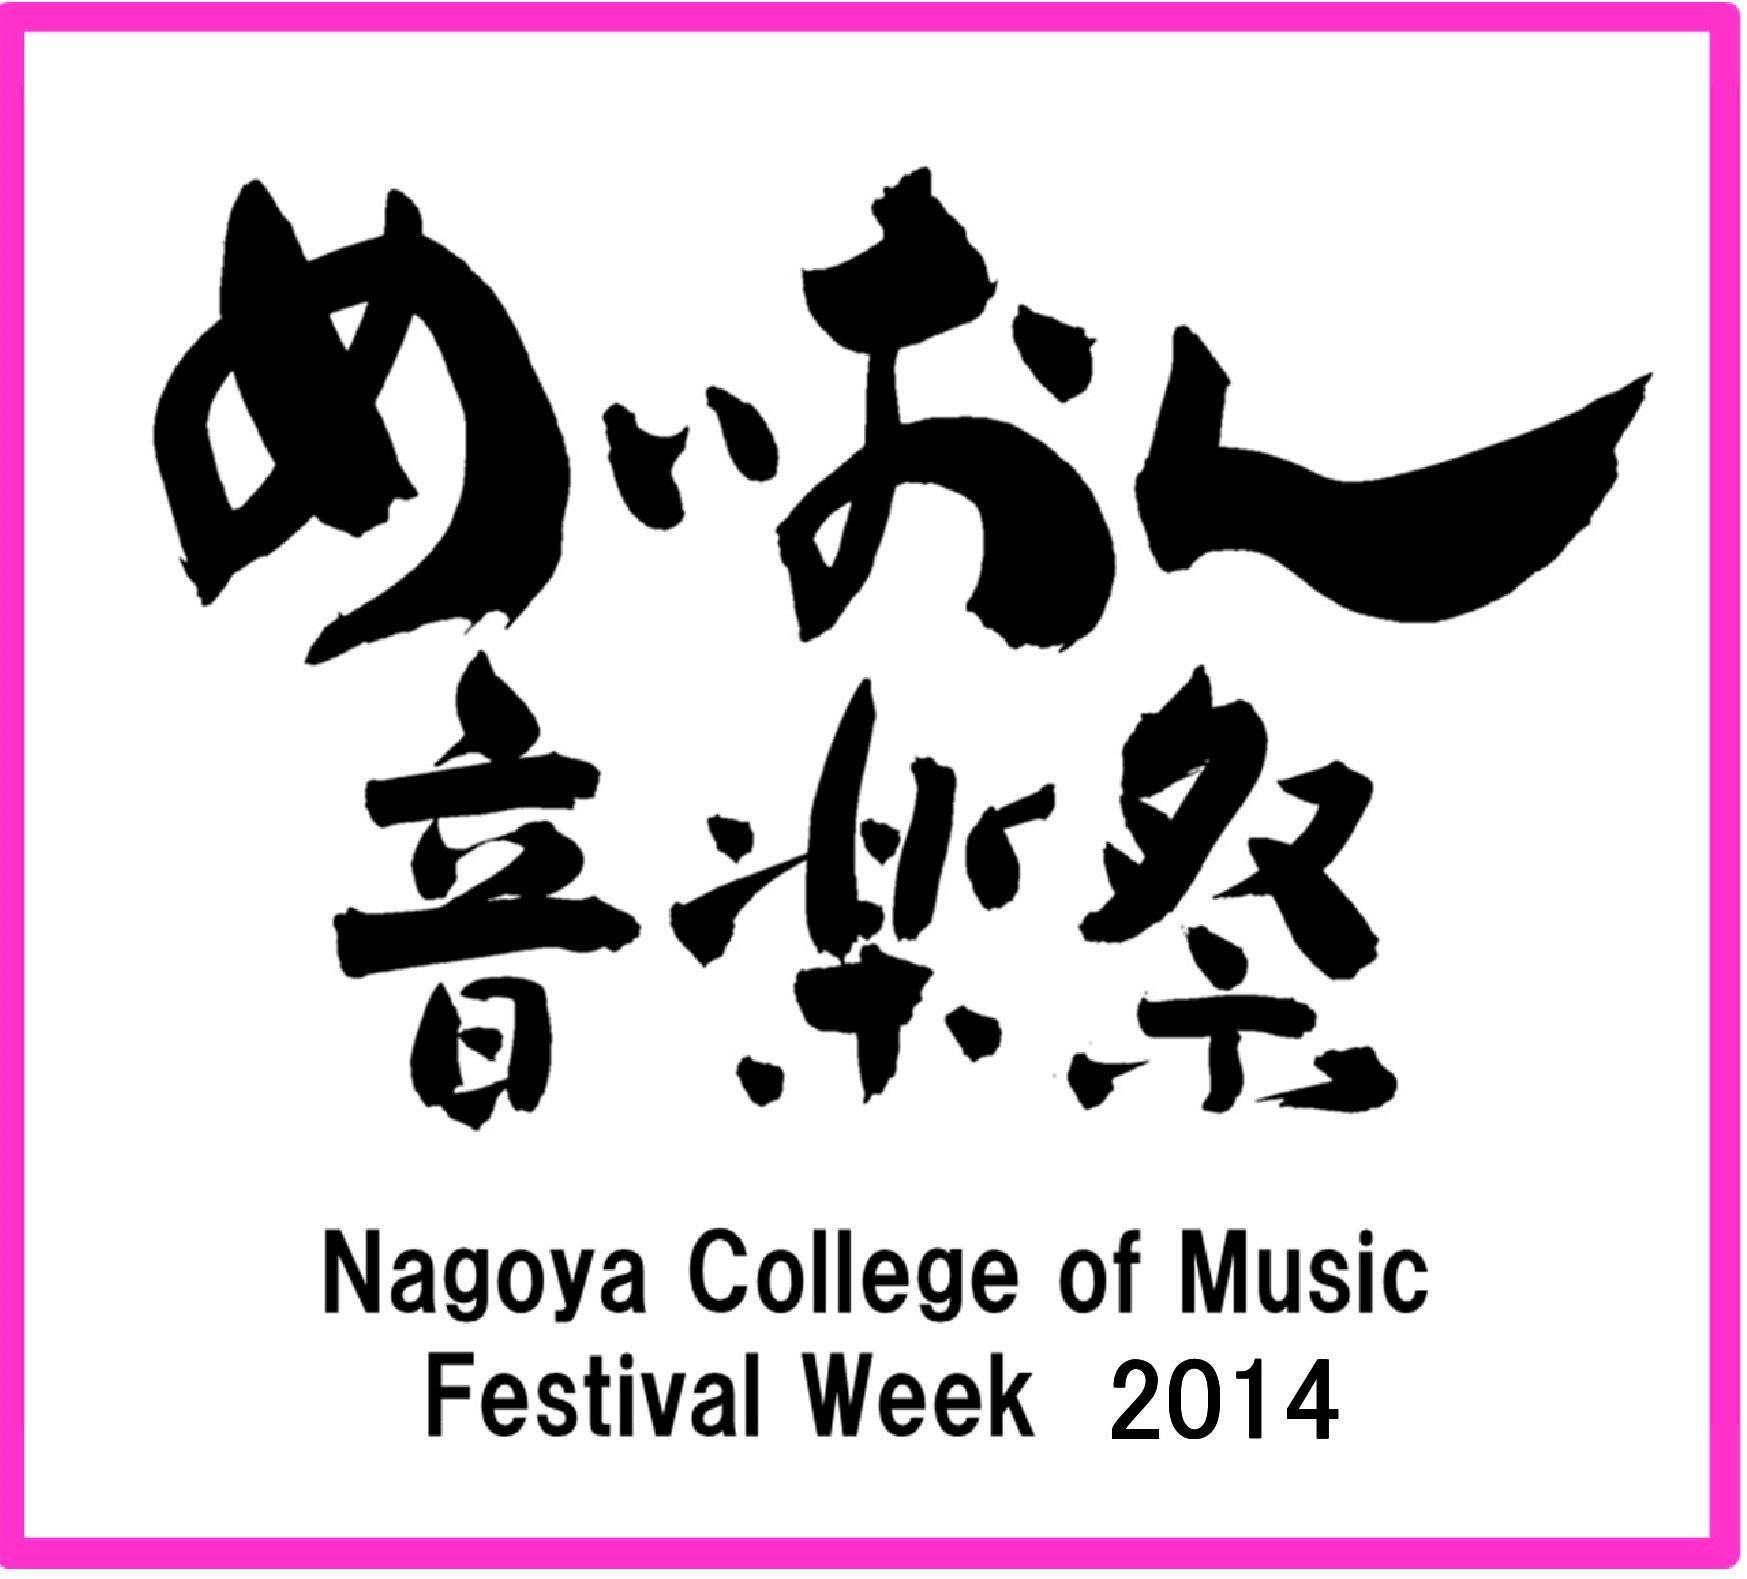 めいおん音楽祭ロゴ2014